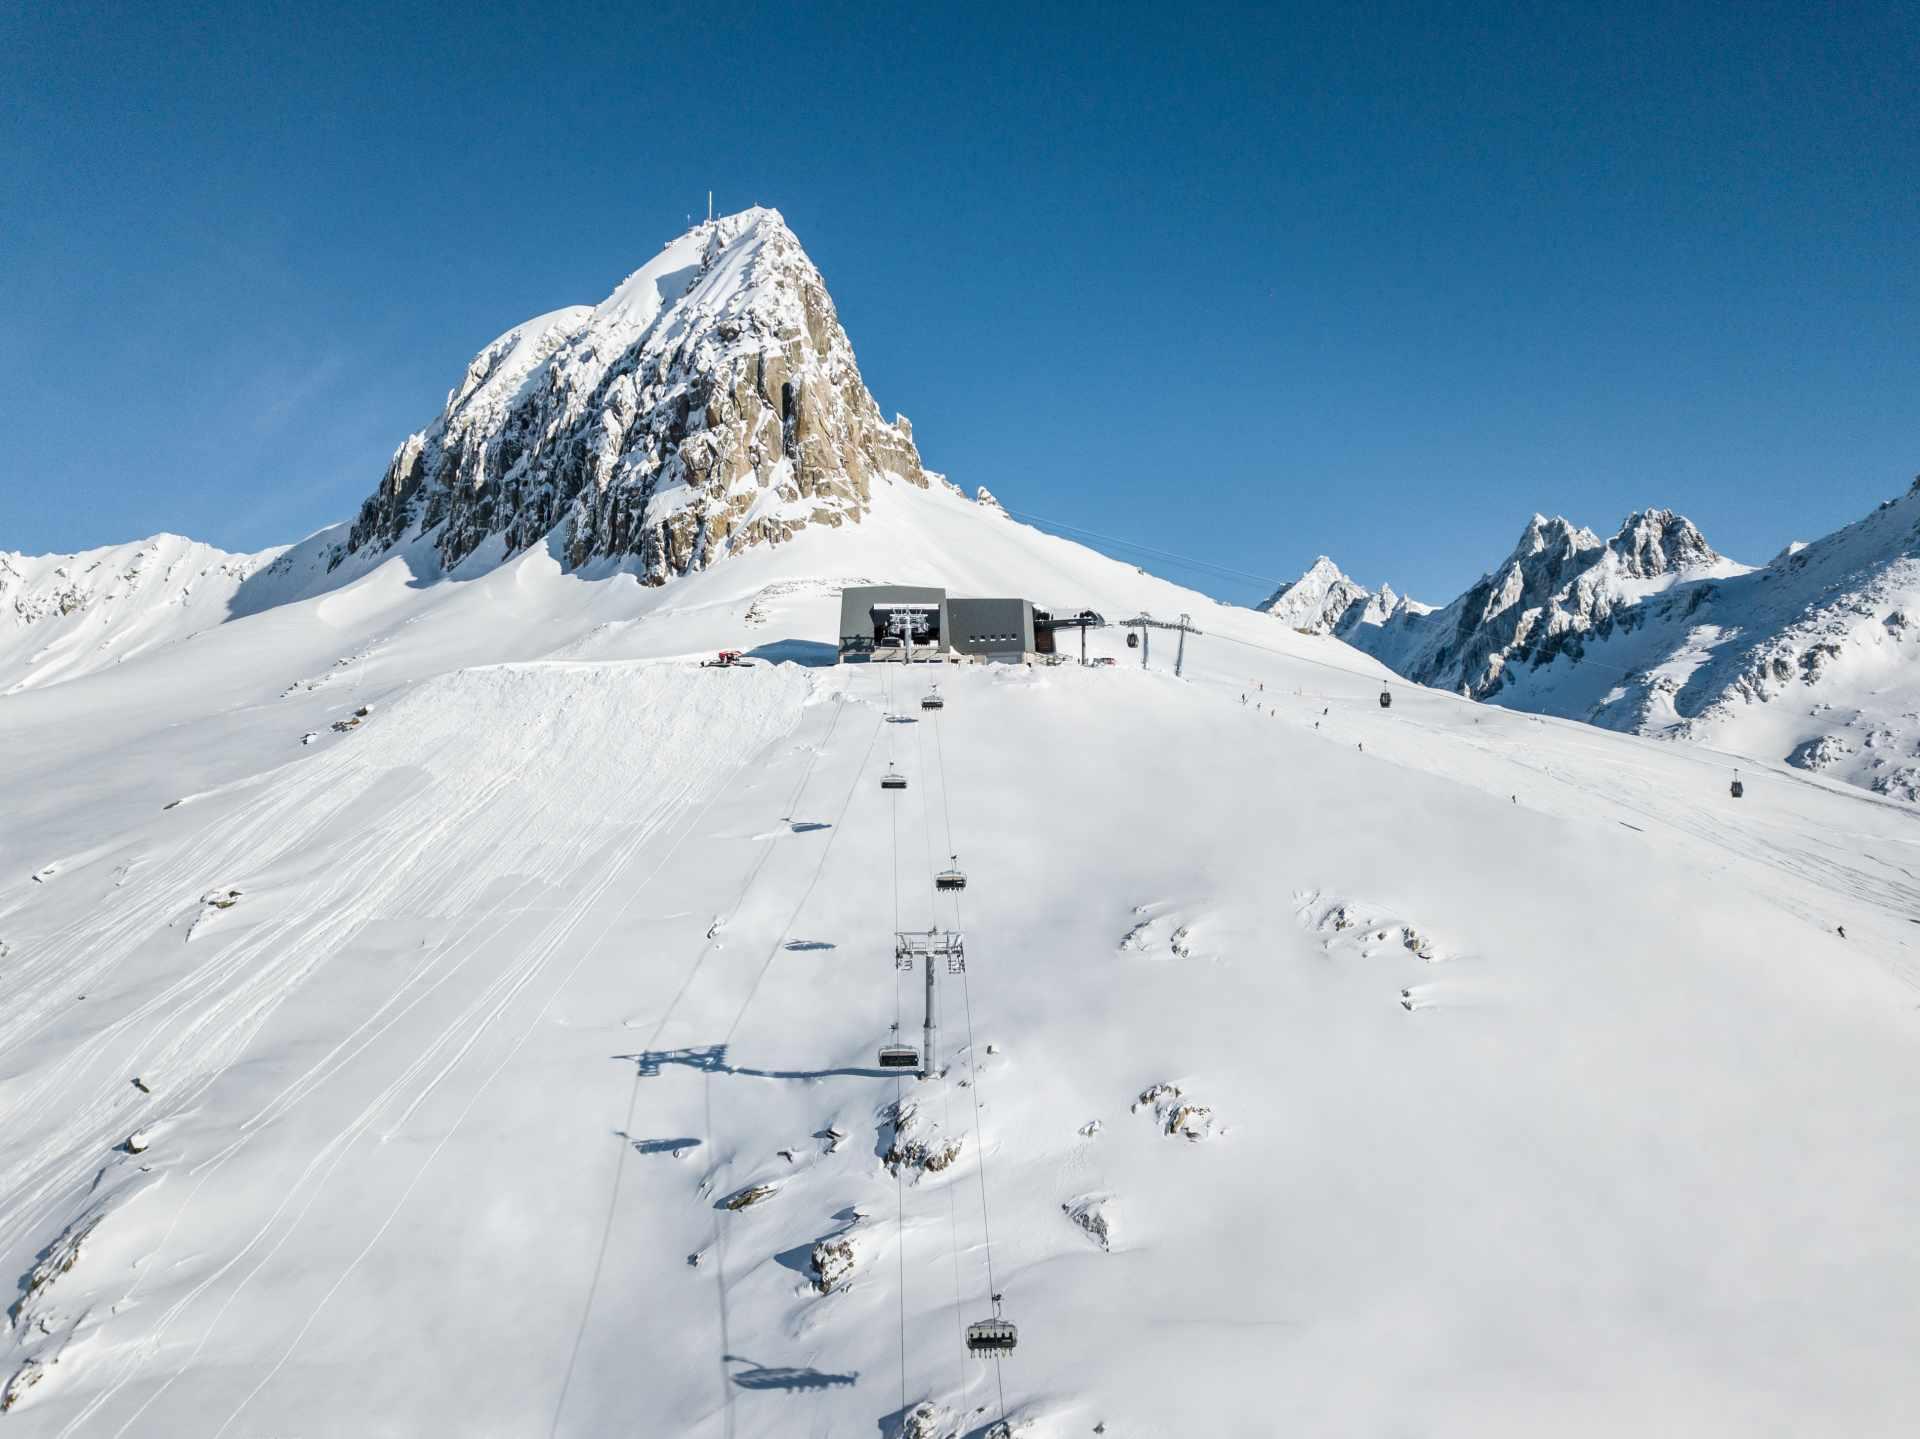 Das Skigebiet Andermatt+Sedrun+Disentis ist das grösste und modernste Skigebiet der Zentralschweiz und ist dank dem vielfältigen Angebot, der Schneesicherheit und den zahlreichen Sonnenterrassen eine der attraktivsten Destination der Schweiz.